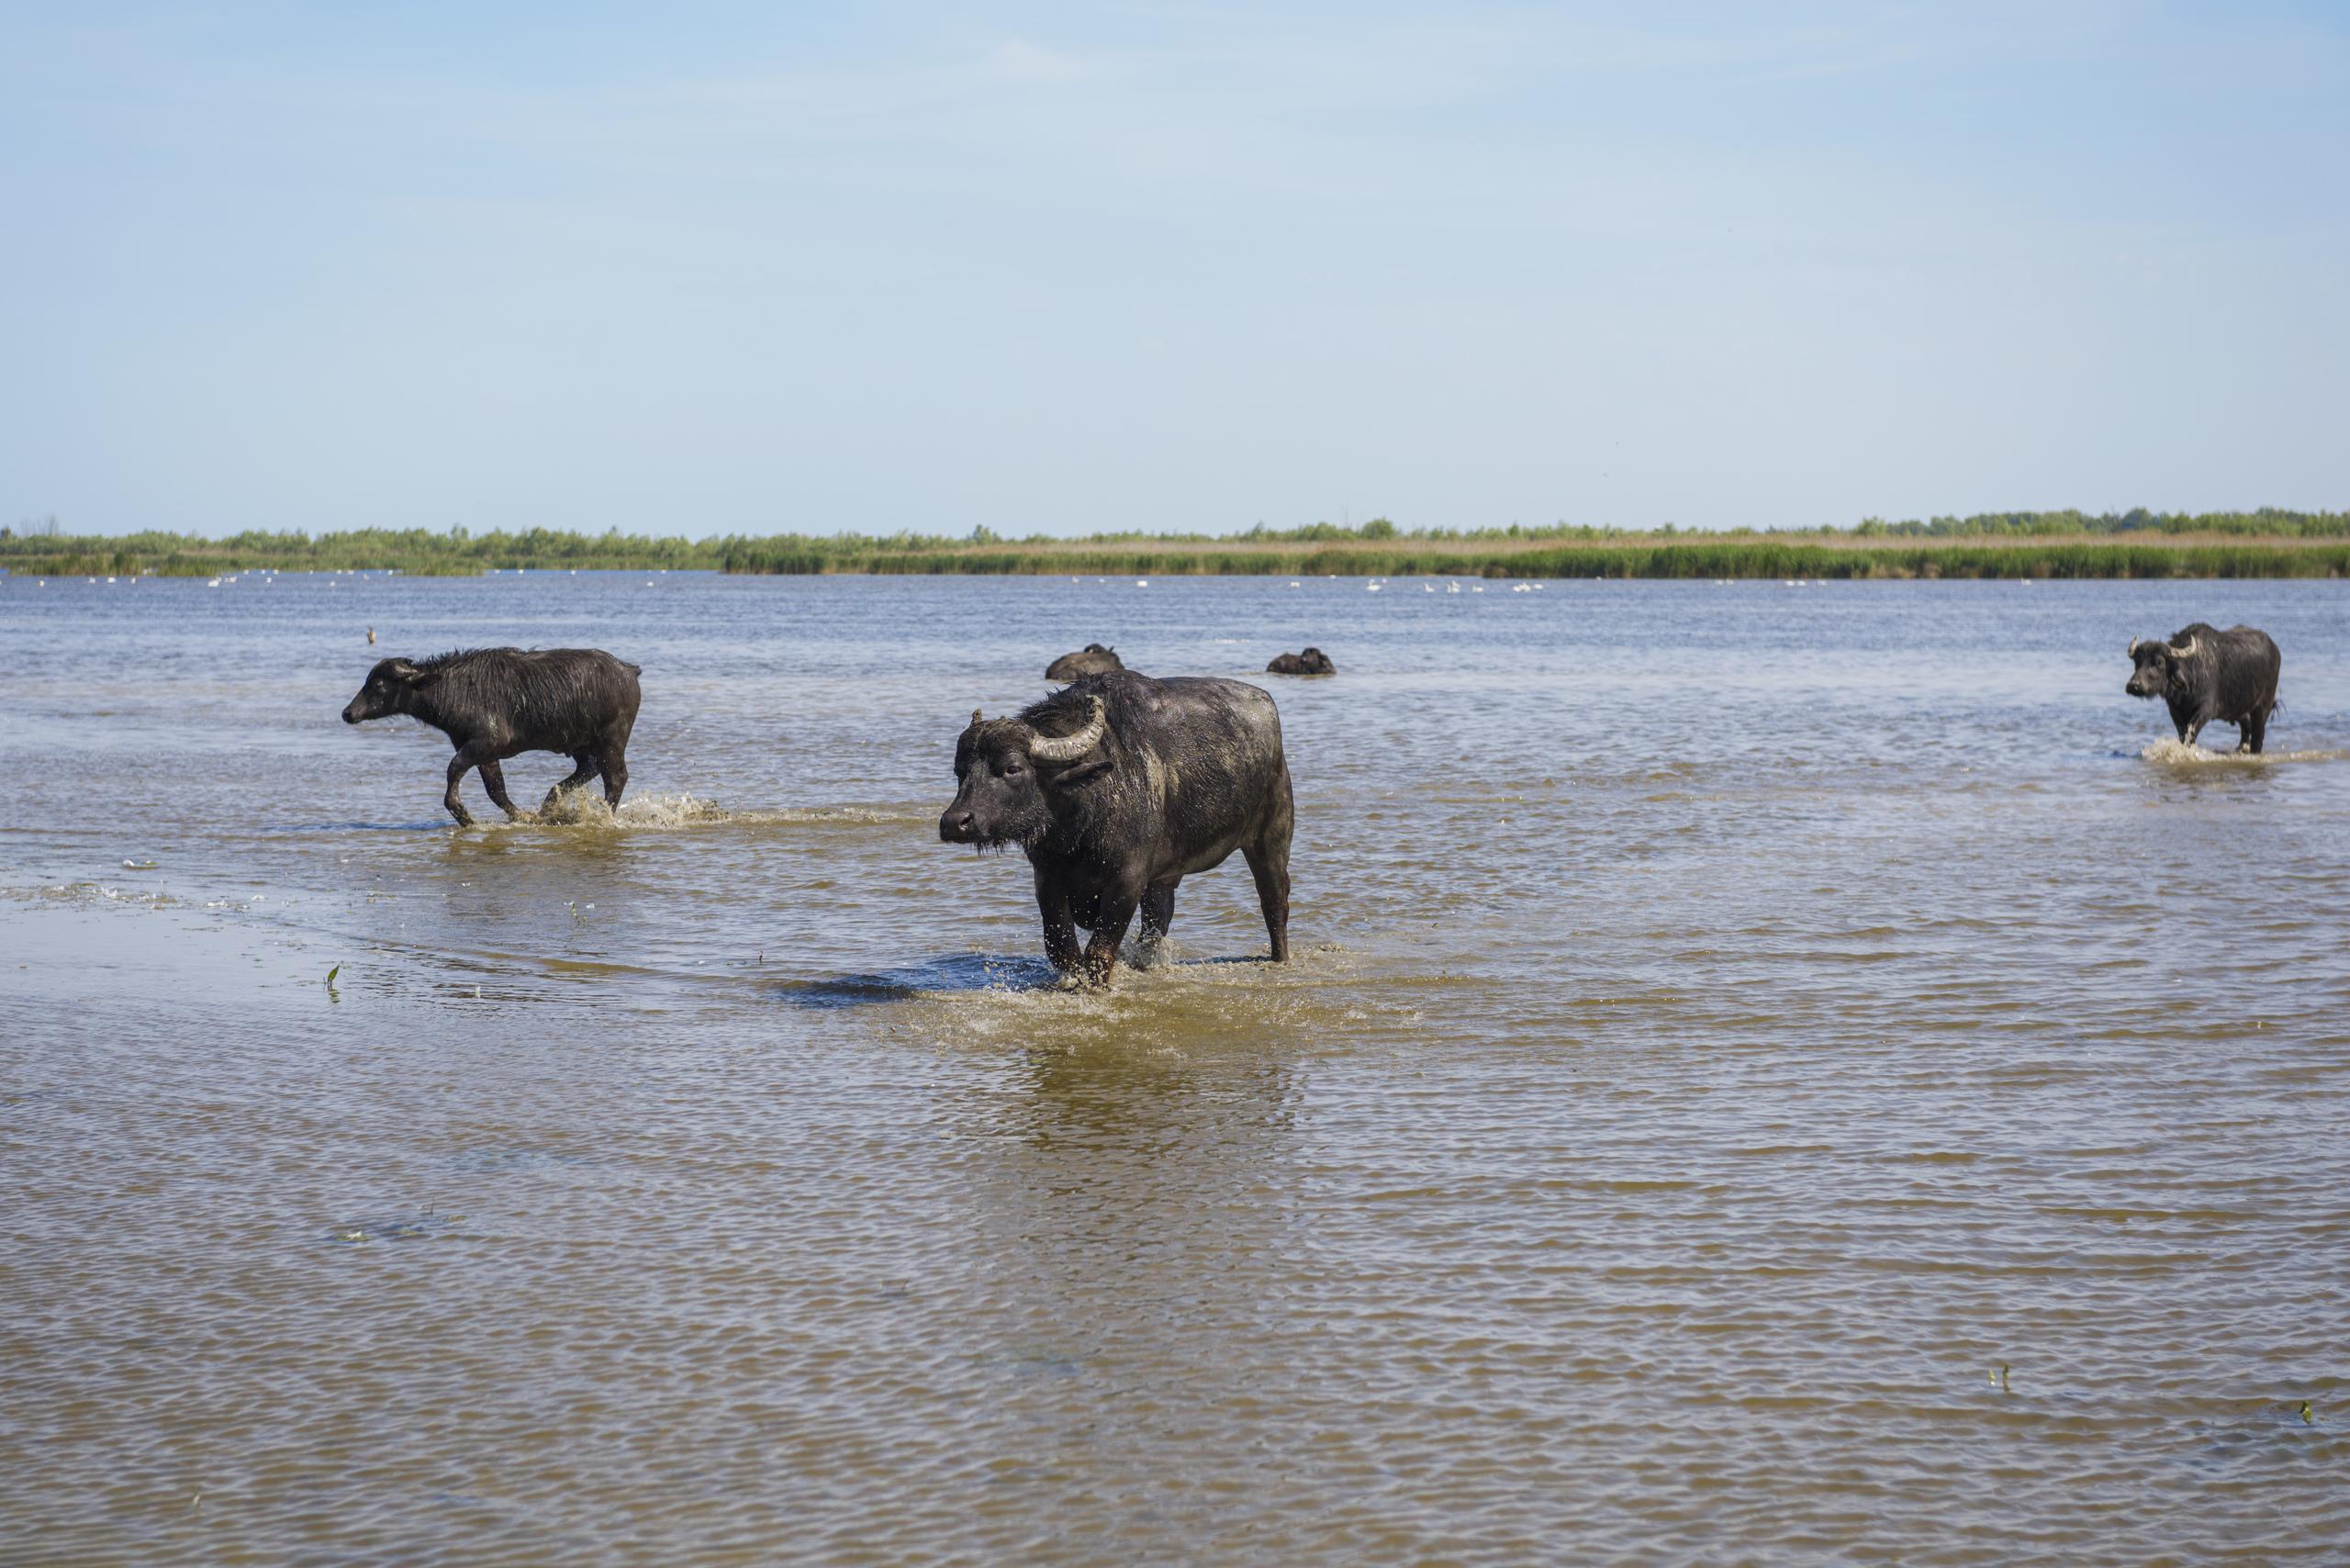 Буйволы идут по затопленным лугам. Водяной буйвол (Bubalus bubalis bubalis)